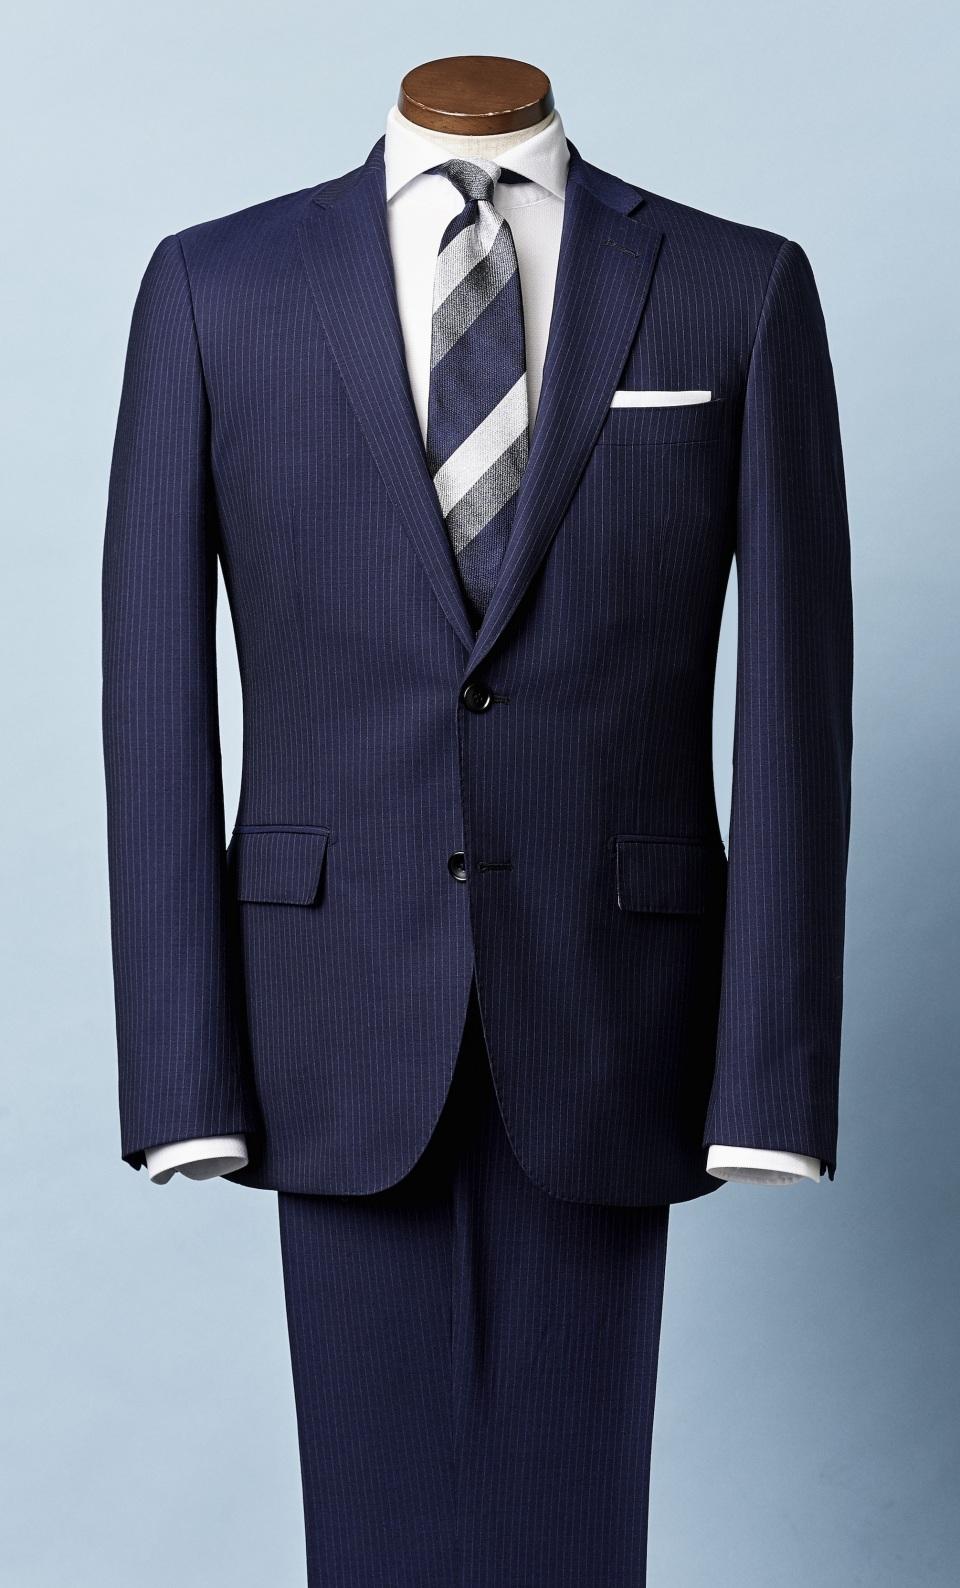 暑い季節だからこそ涼しく、スマートに。ONLYの新作春夏スーツ「プレミアムウールストレッチ」 4番目の画像